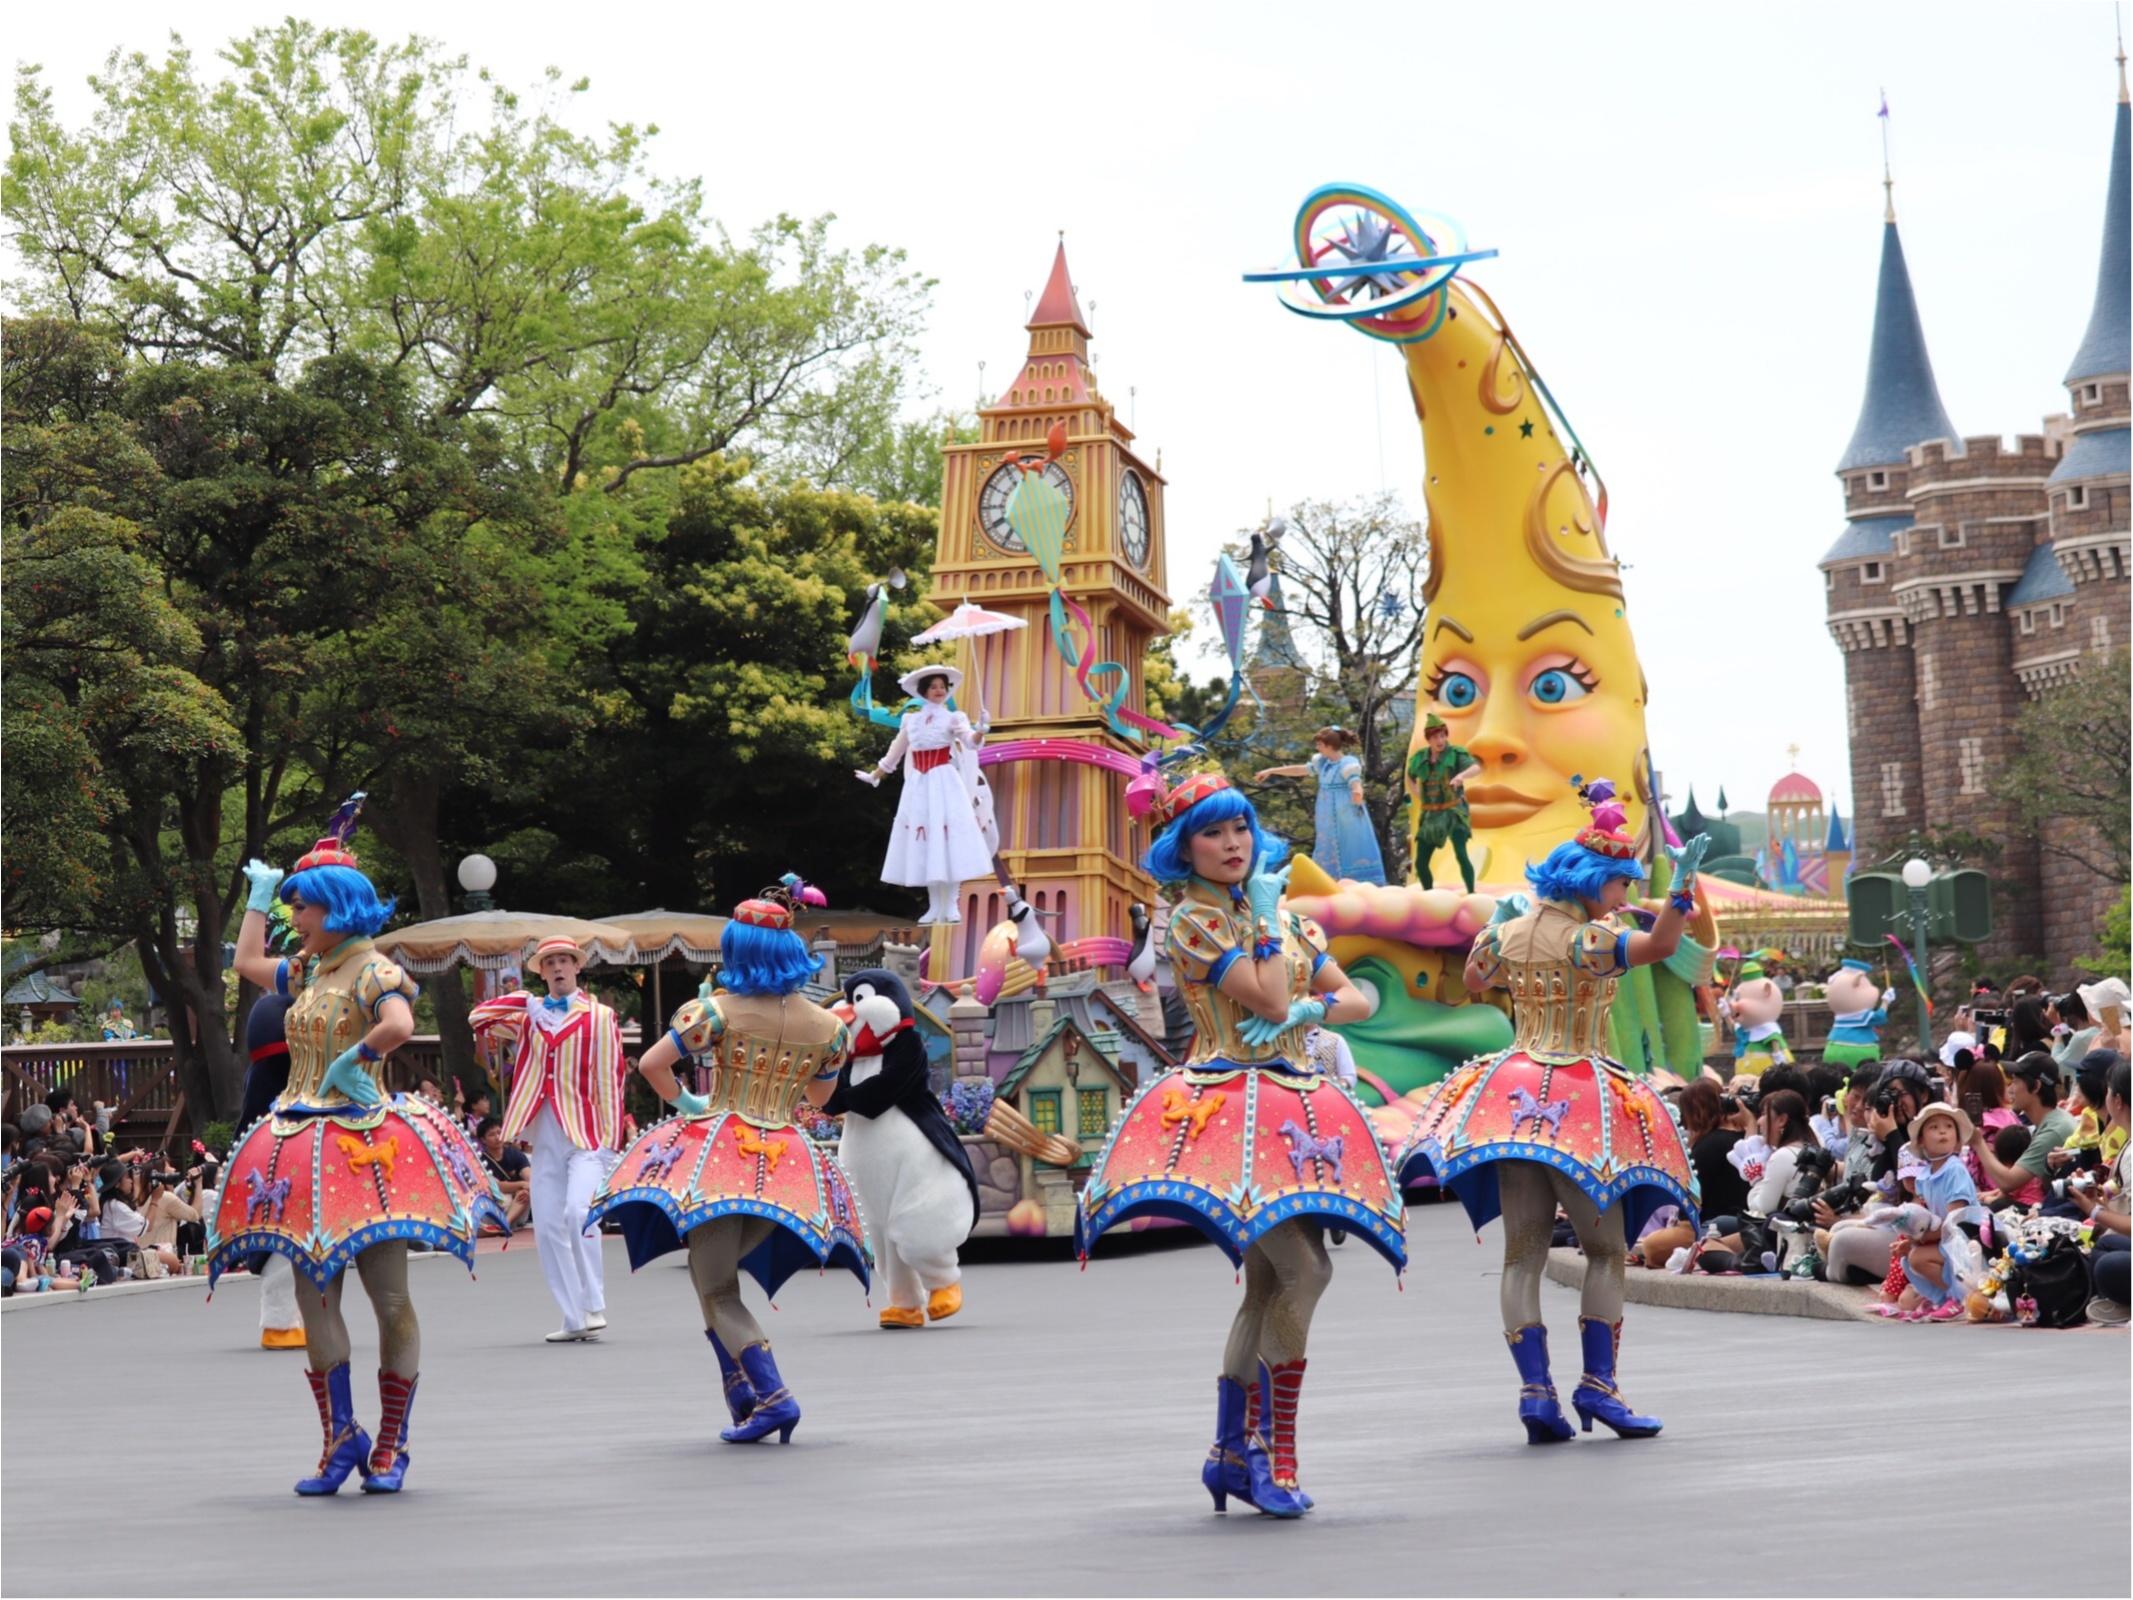 ▷【東京ディズニーランド35周年】Newパレード「ドリーミング・アップ!」がとにかく凄い!!_22